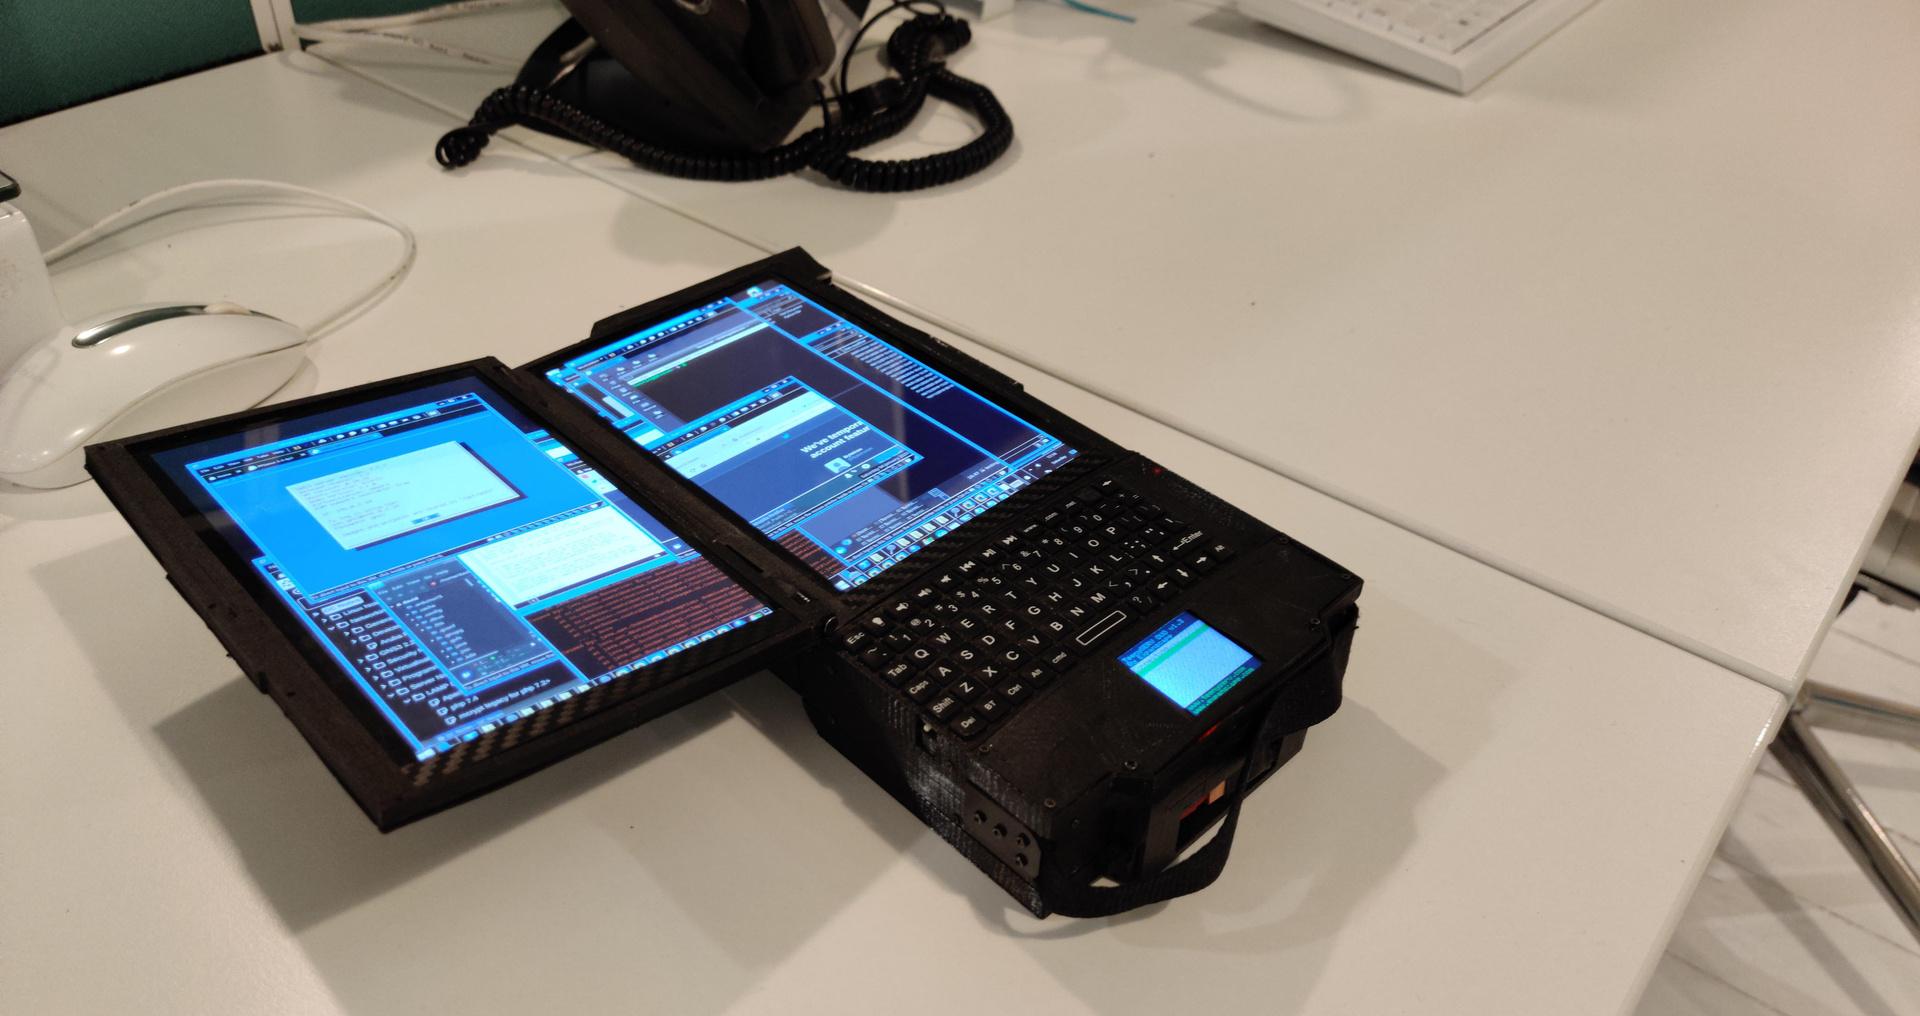 يستخدم TeenySERV DUO شاشتين مقاس 7 بوصات ...